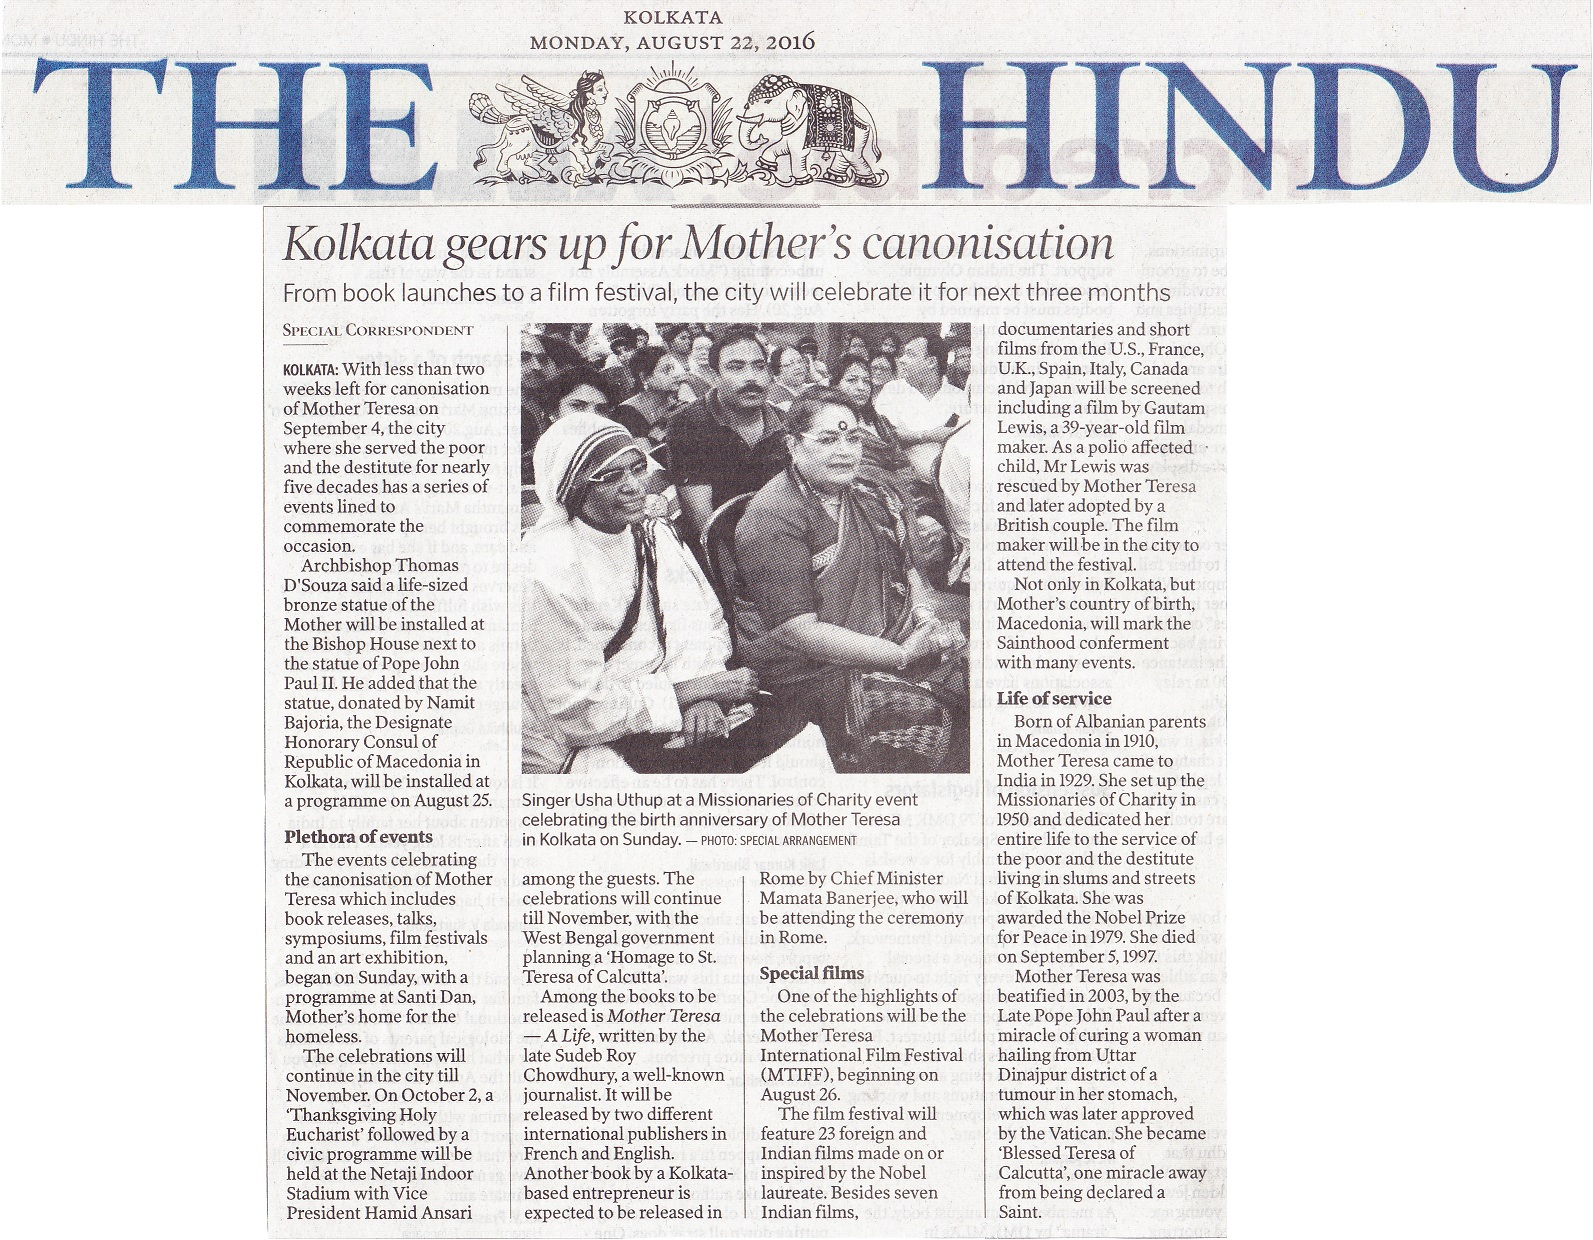 The Hindu Mother Teresa